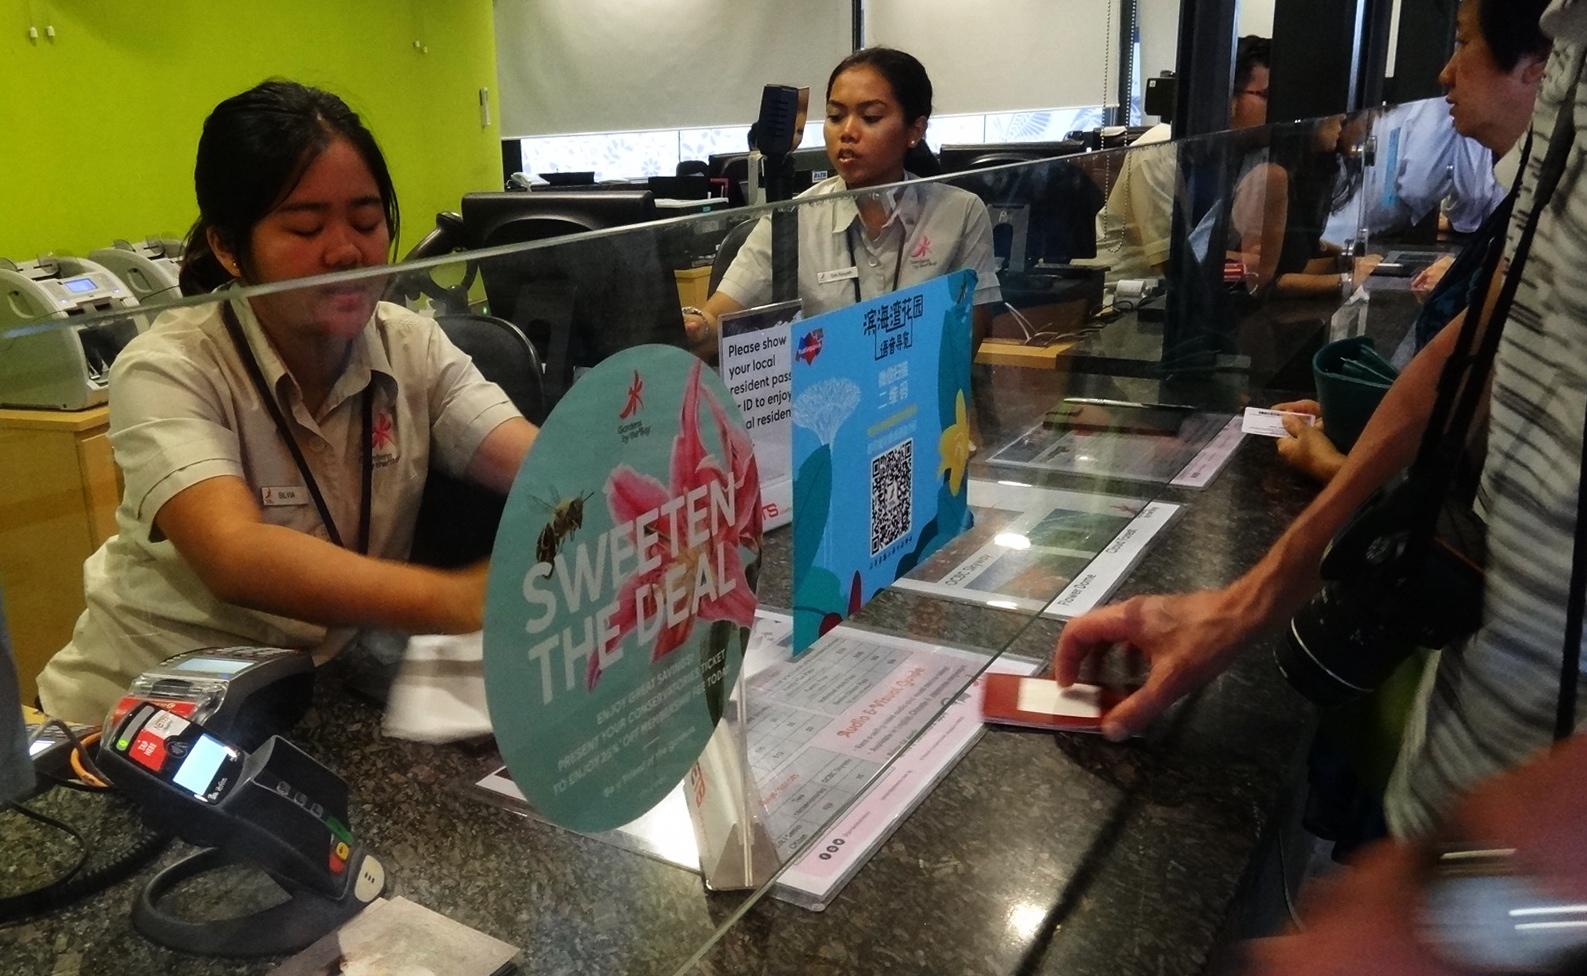 Достопримечательности Сингапура. Замена ваучера на билет